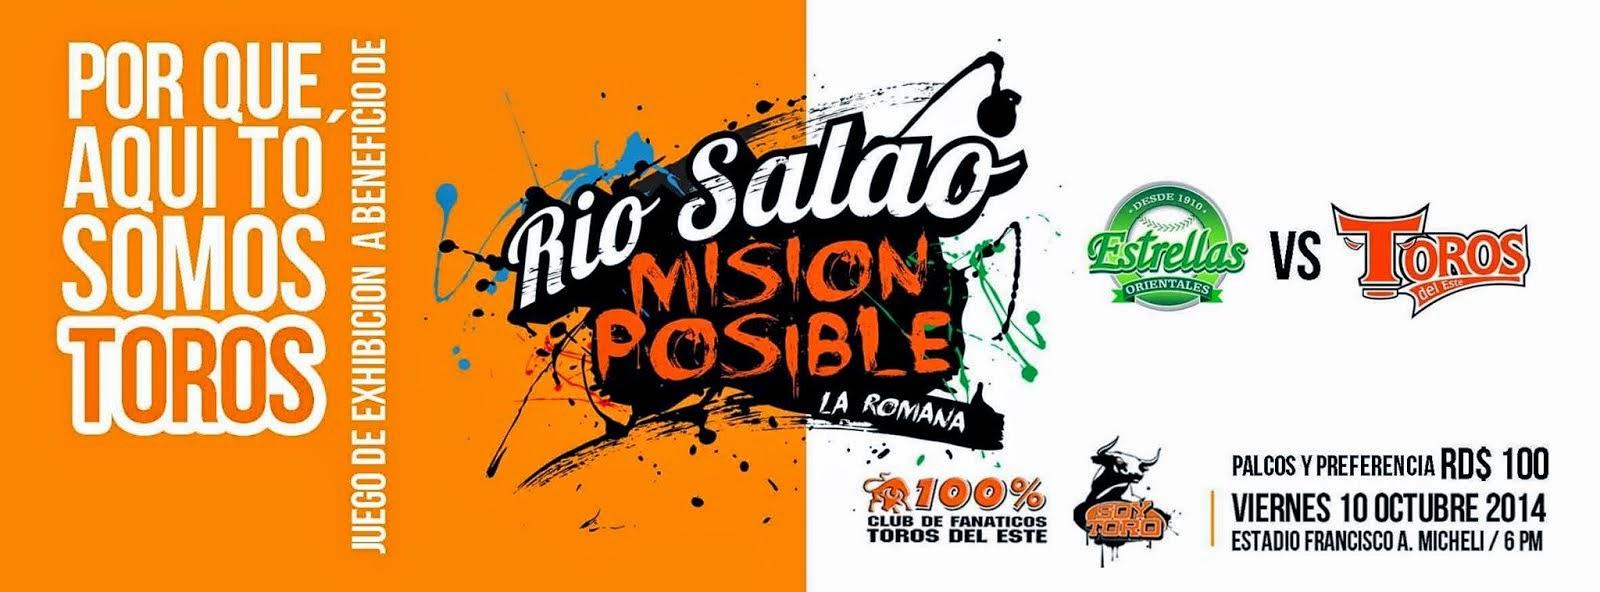 Río Salao Misión Posible: Toros Vs Estrellas